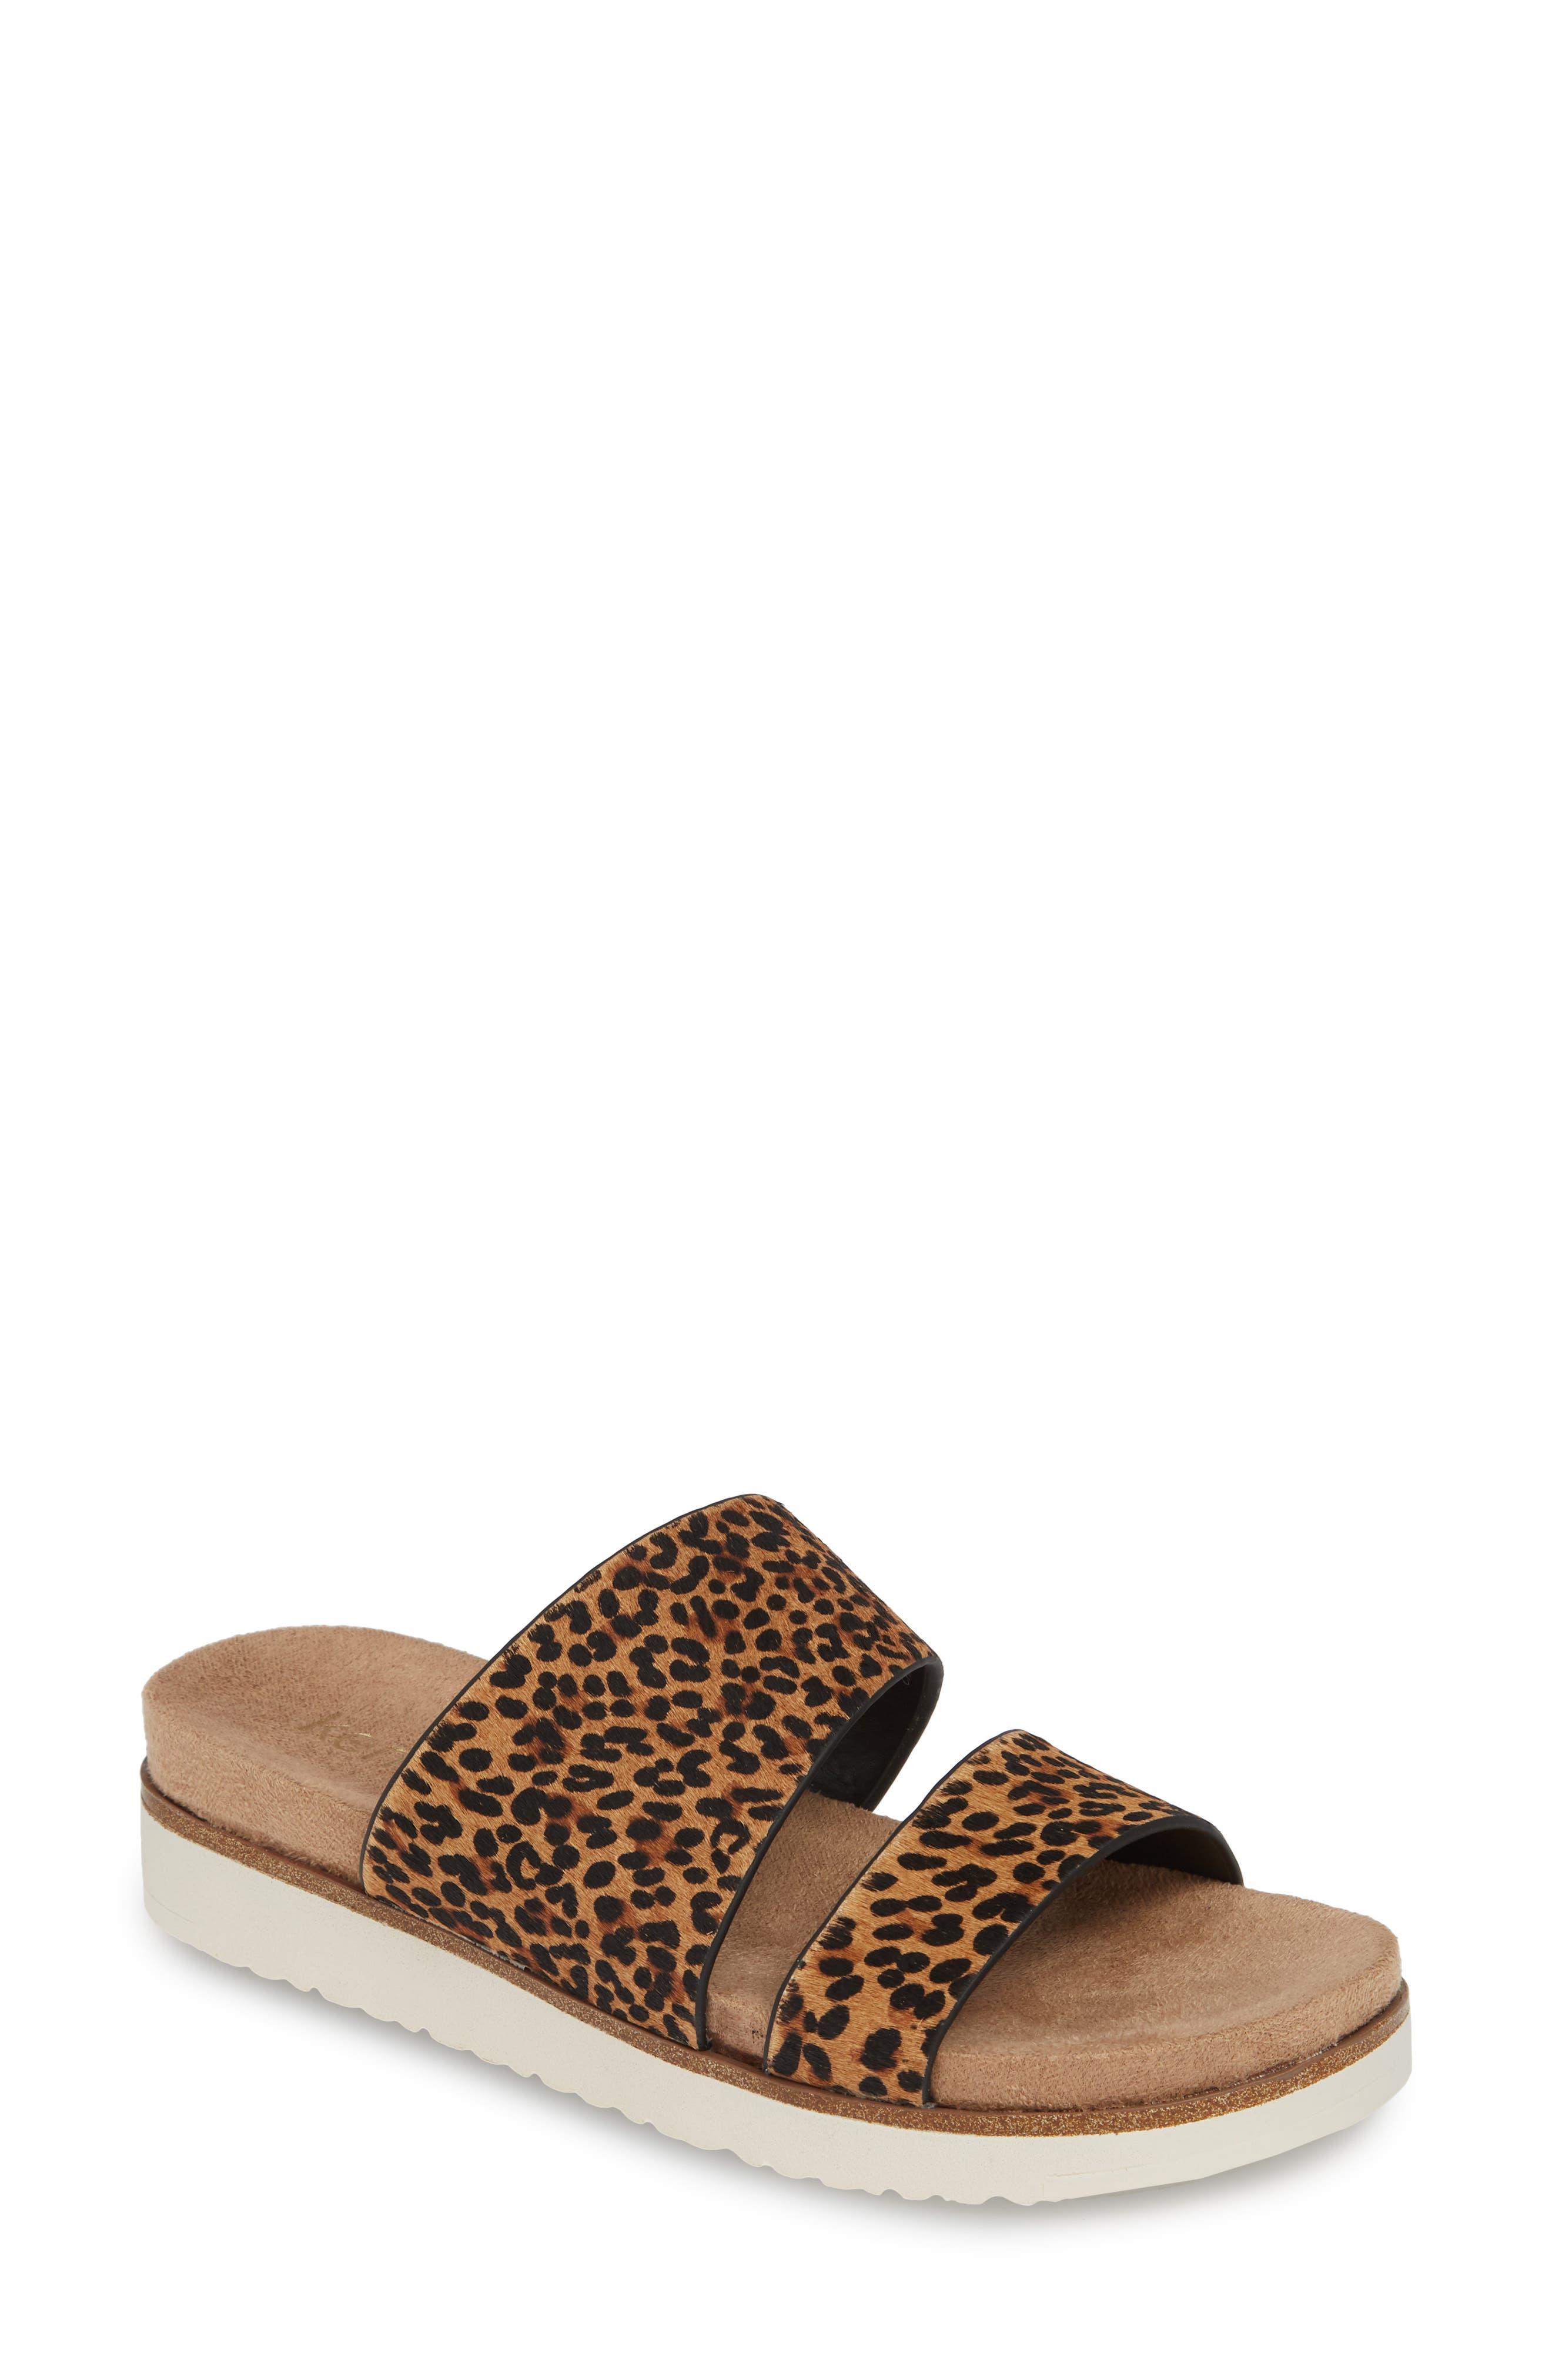 ,                             Danesha Genuine Calf Hair Slide Sandal,                             Main thumbnail 1, color,                             LEOPARD PRINT CALF HAIR